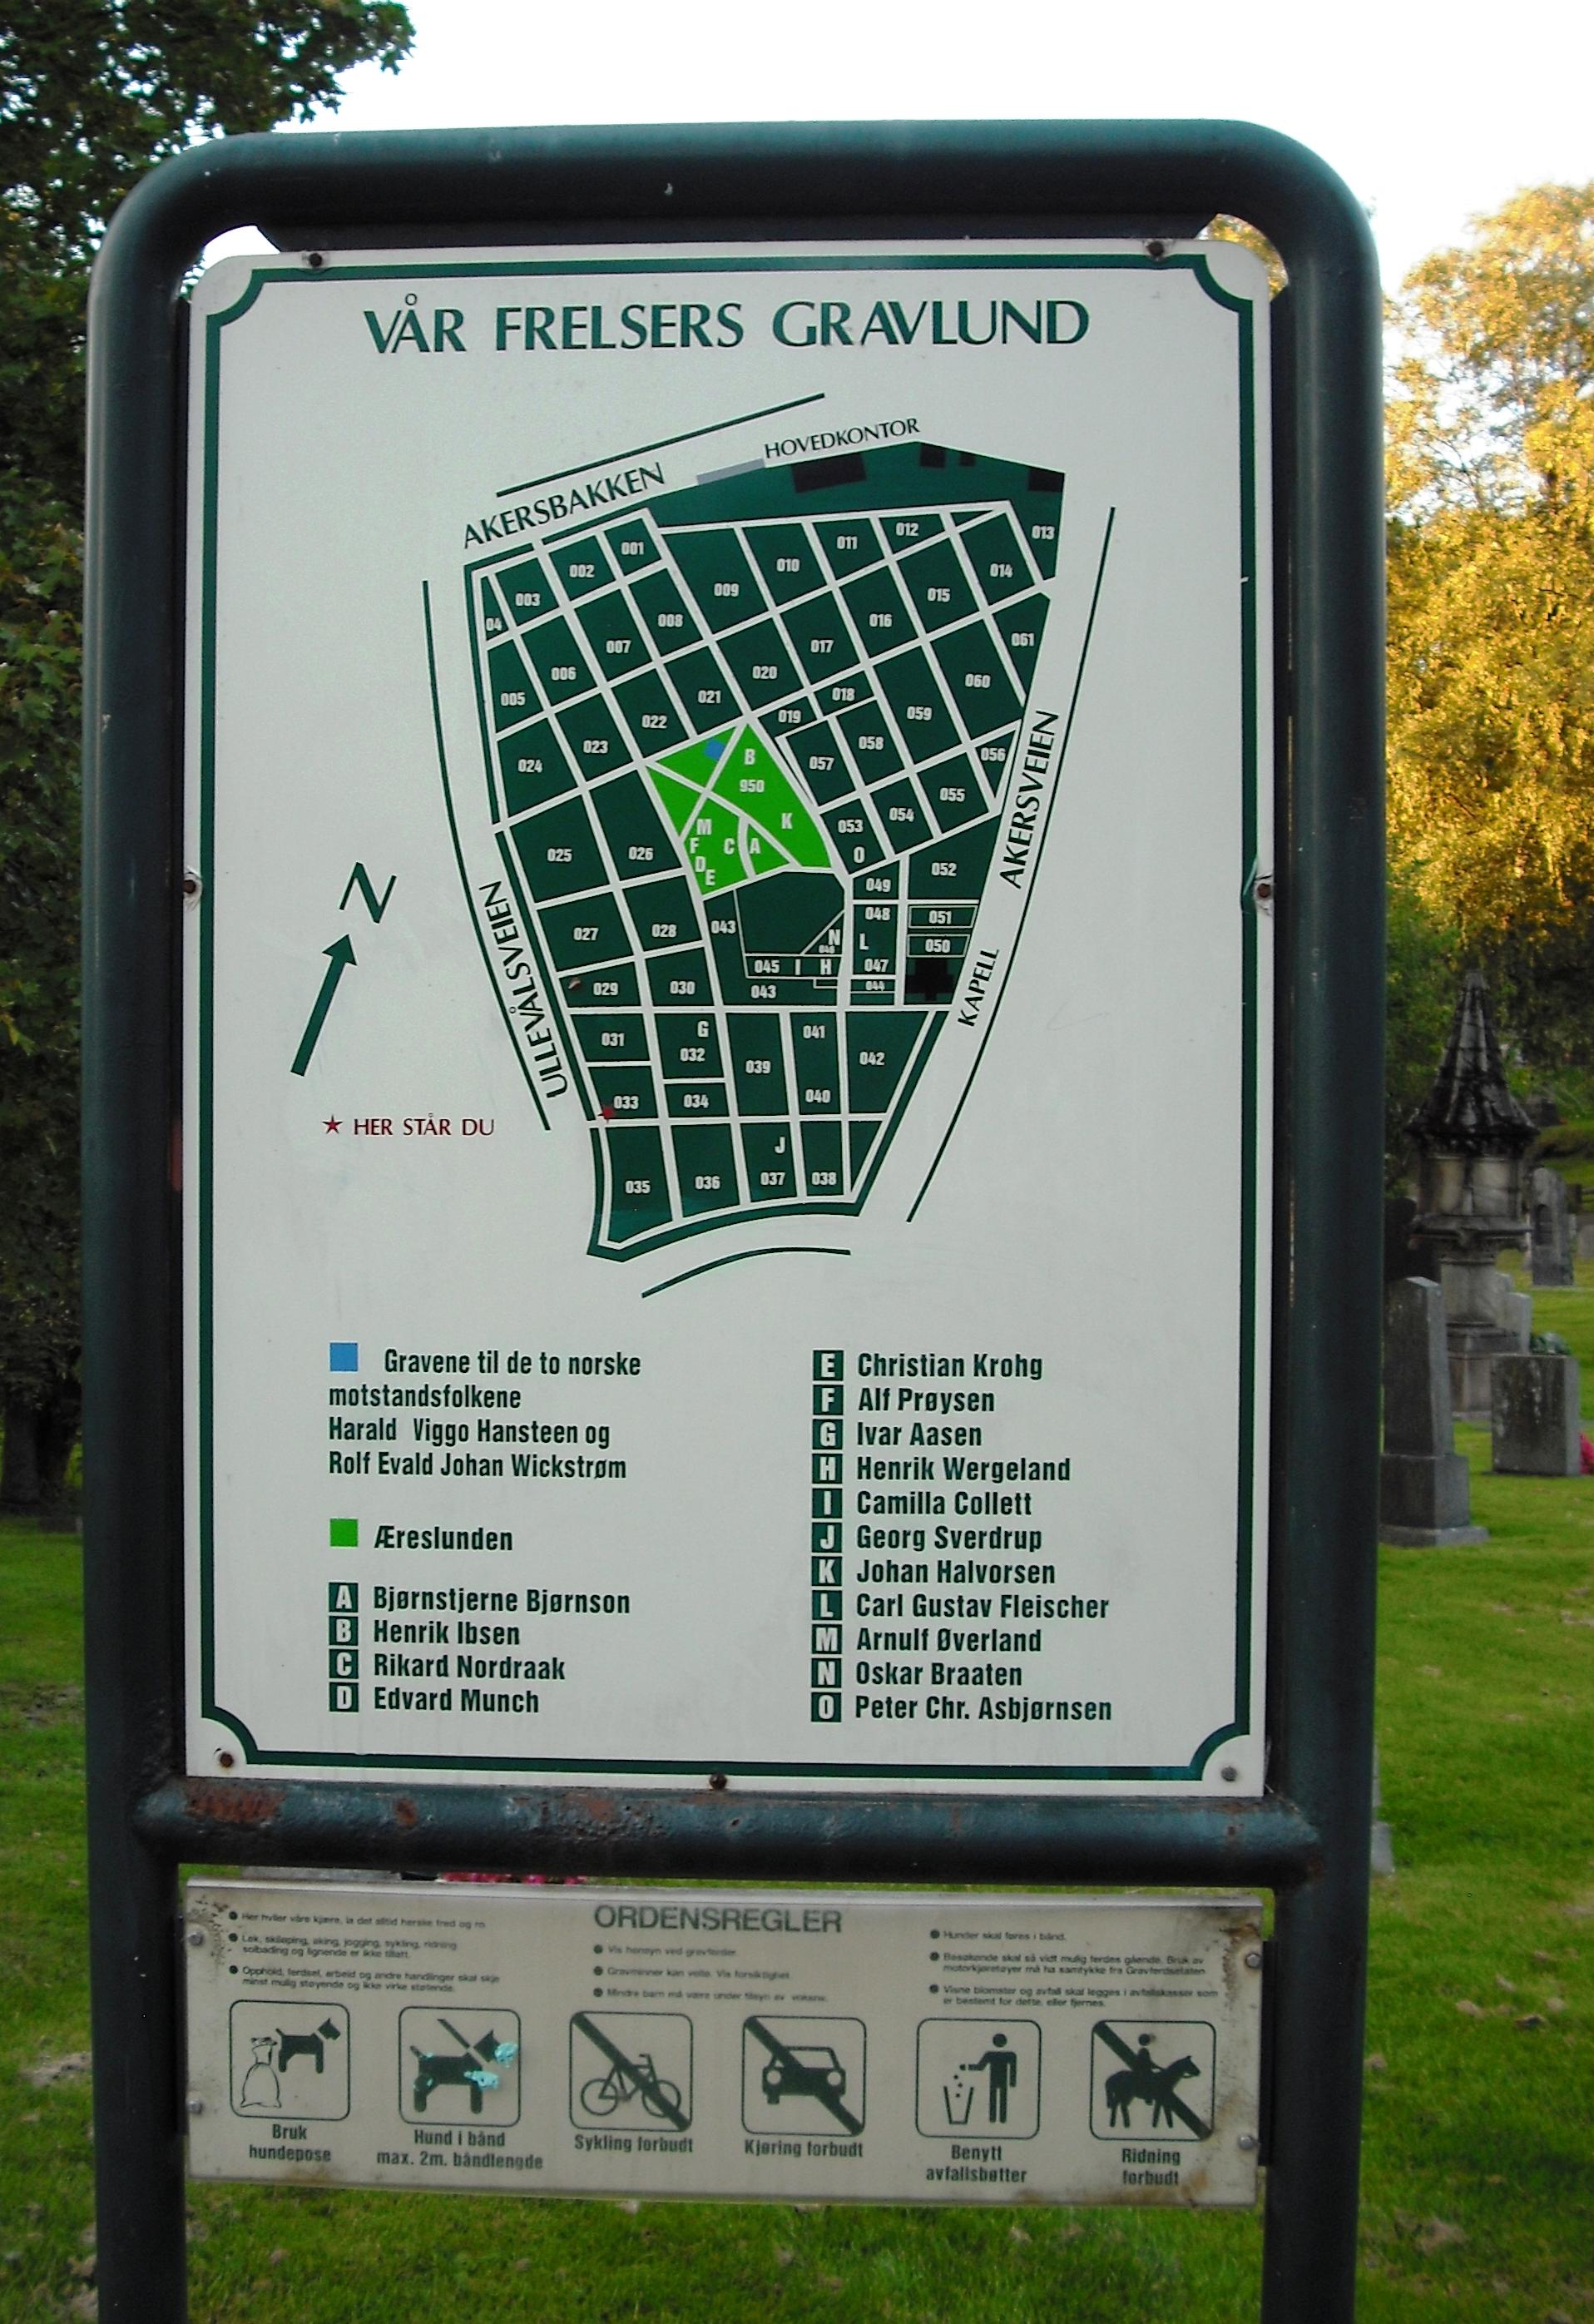 vår frelsers gravlund kart File:Map of Vår Frelsers gravlund.   Wikimedia Commons